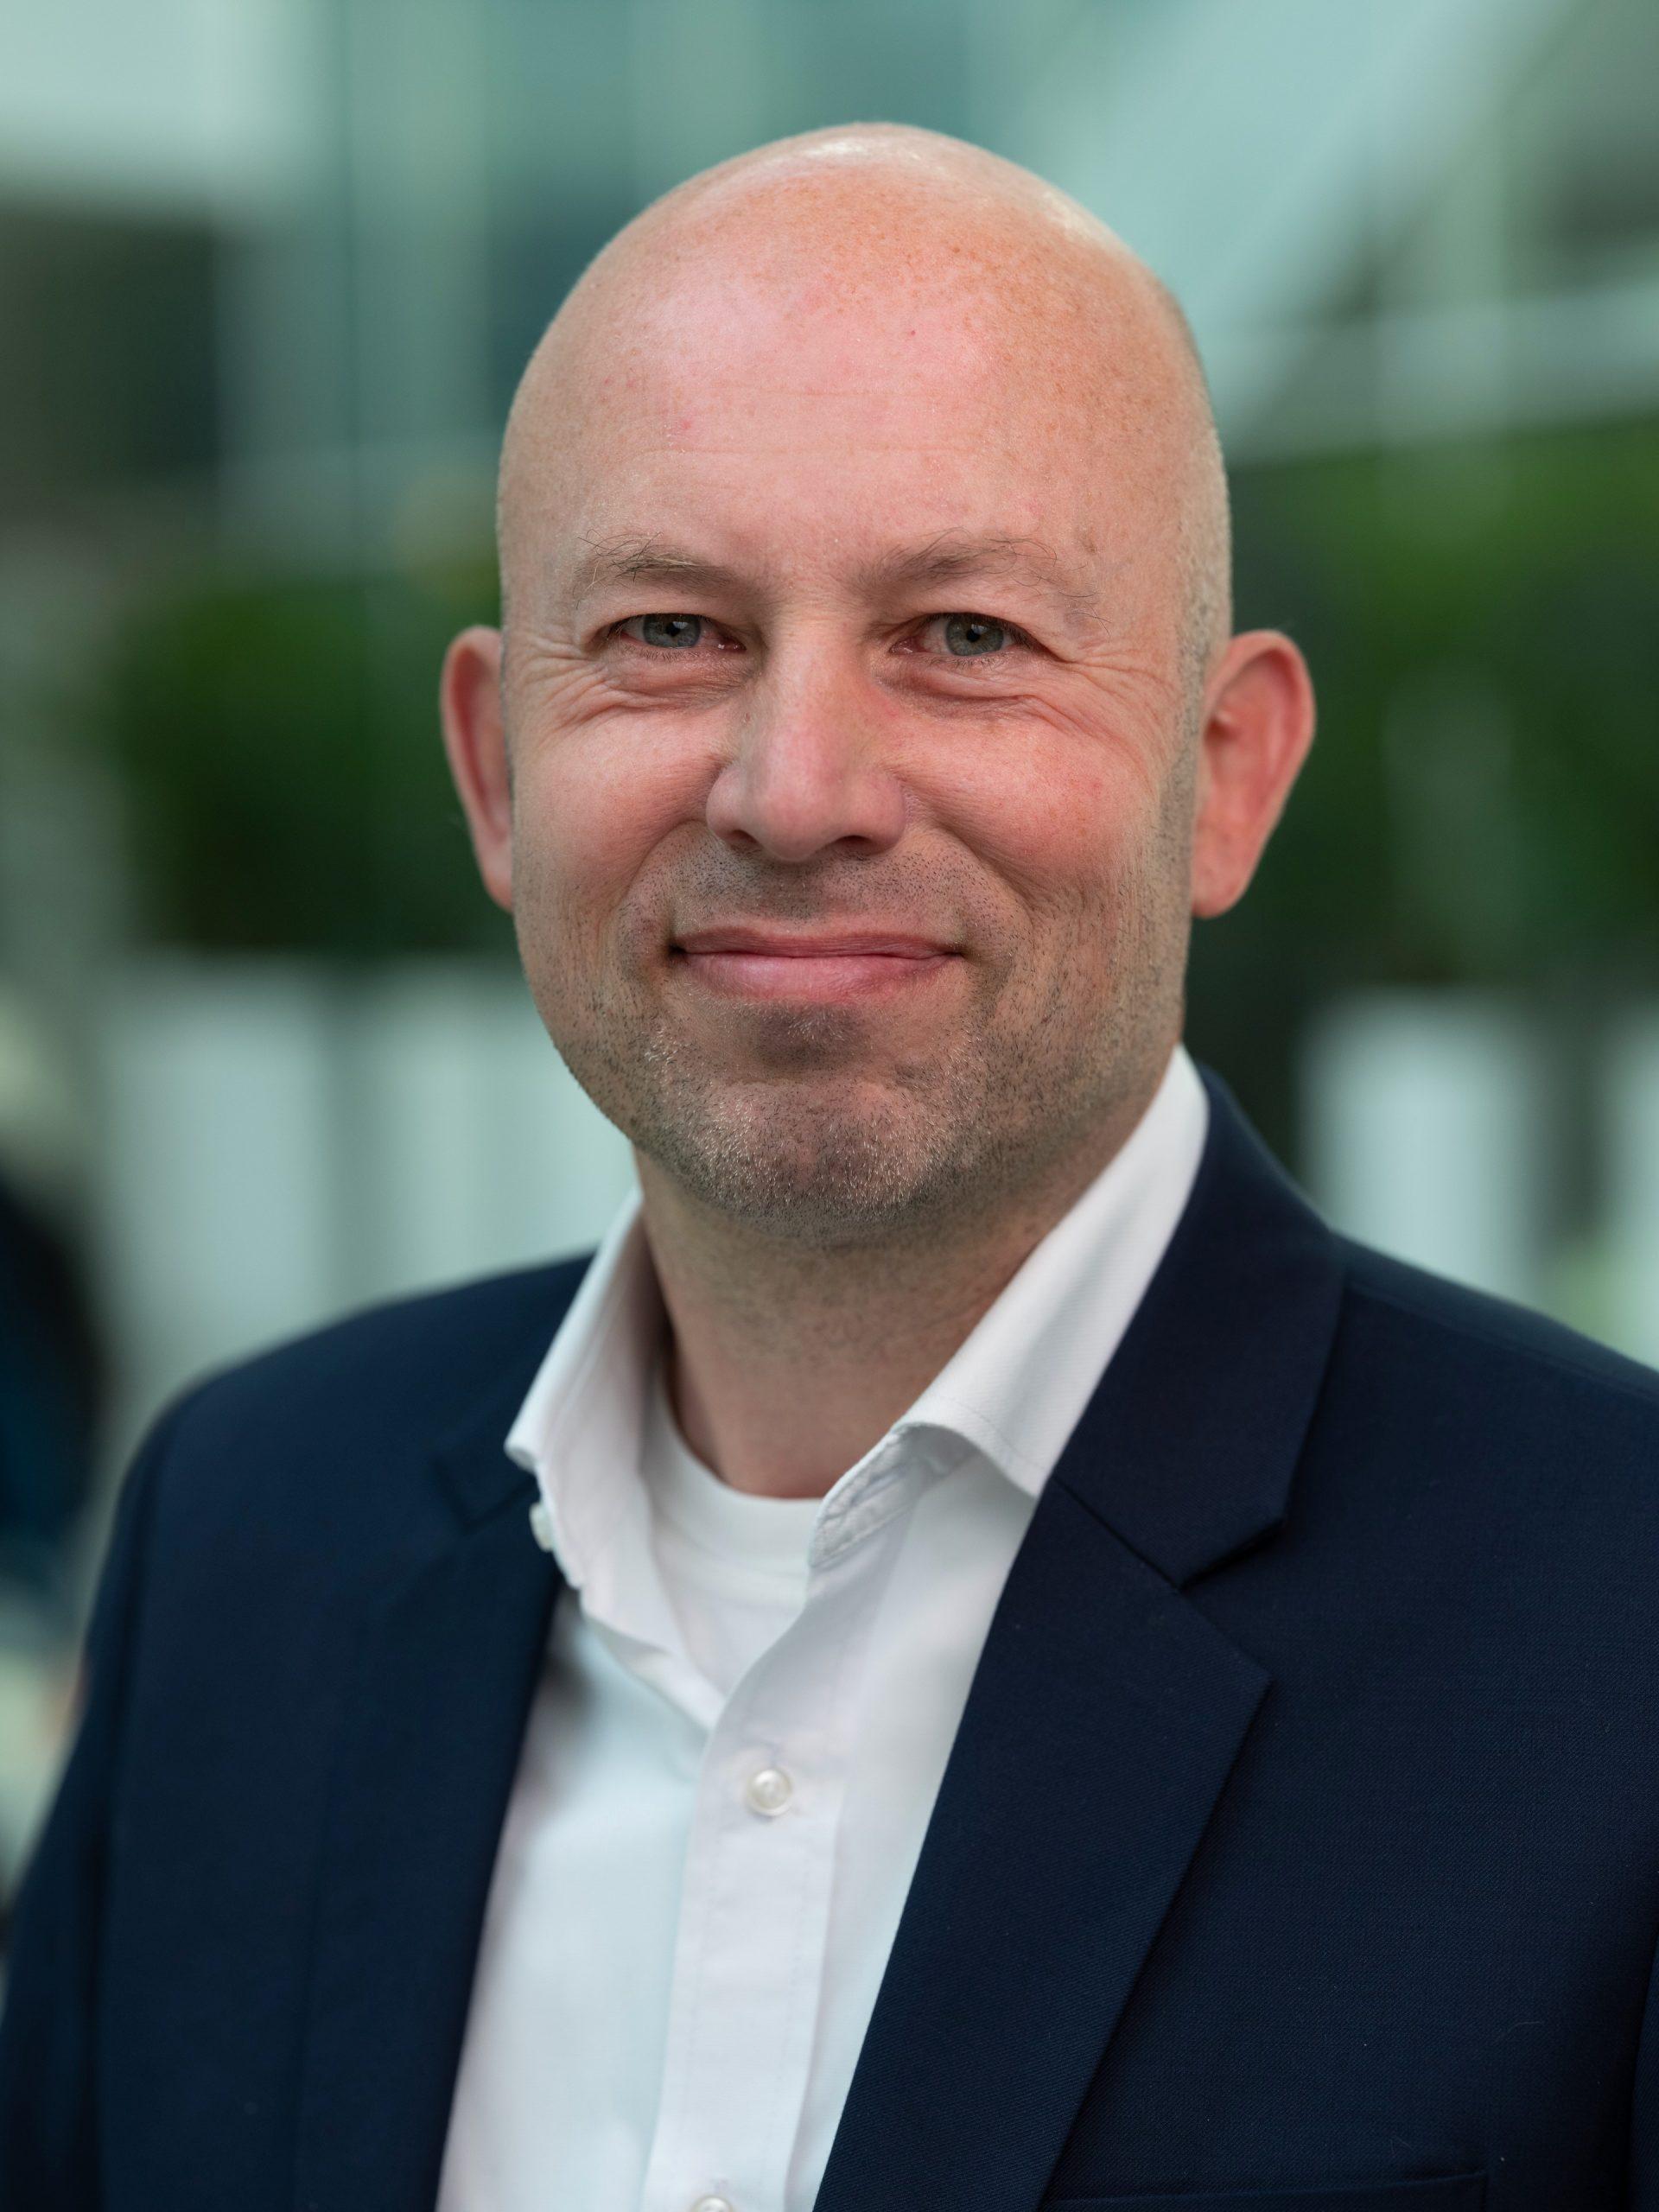 Sander Mertens